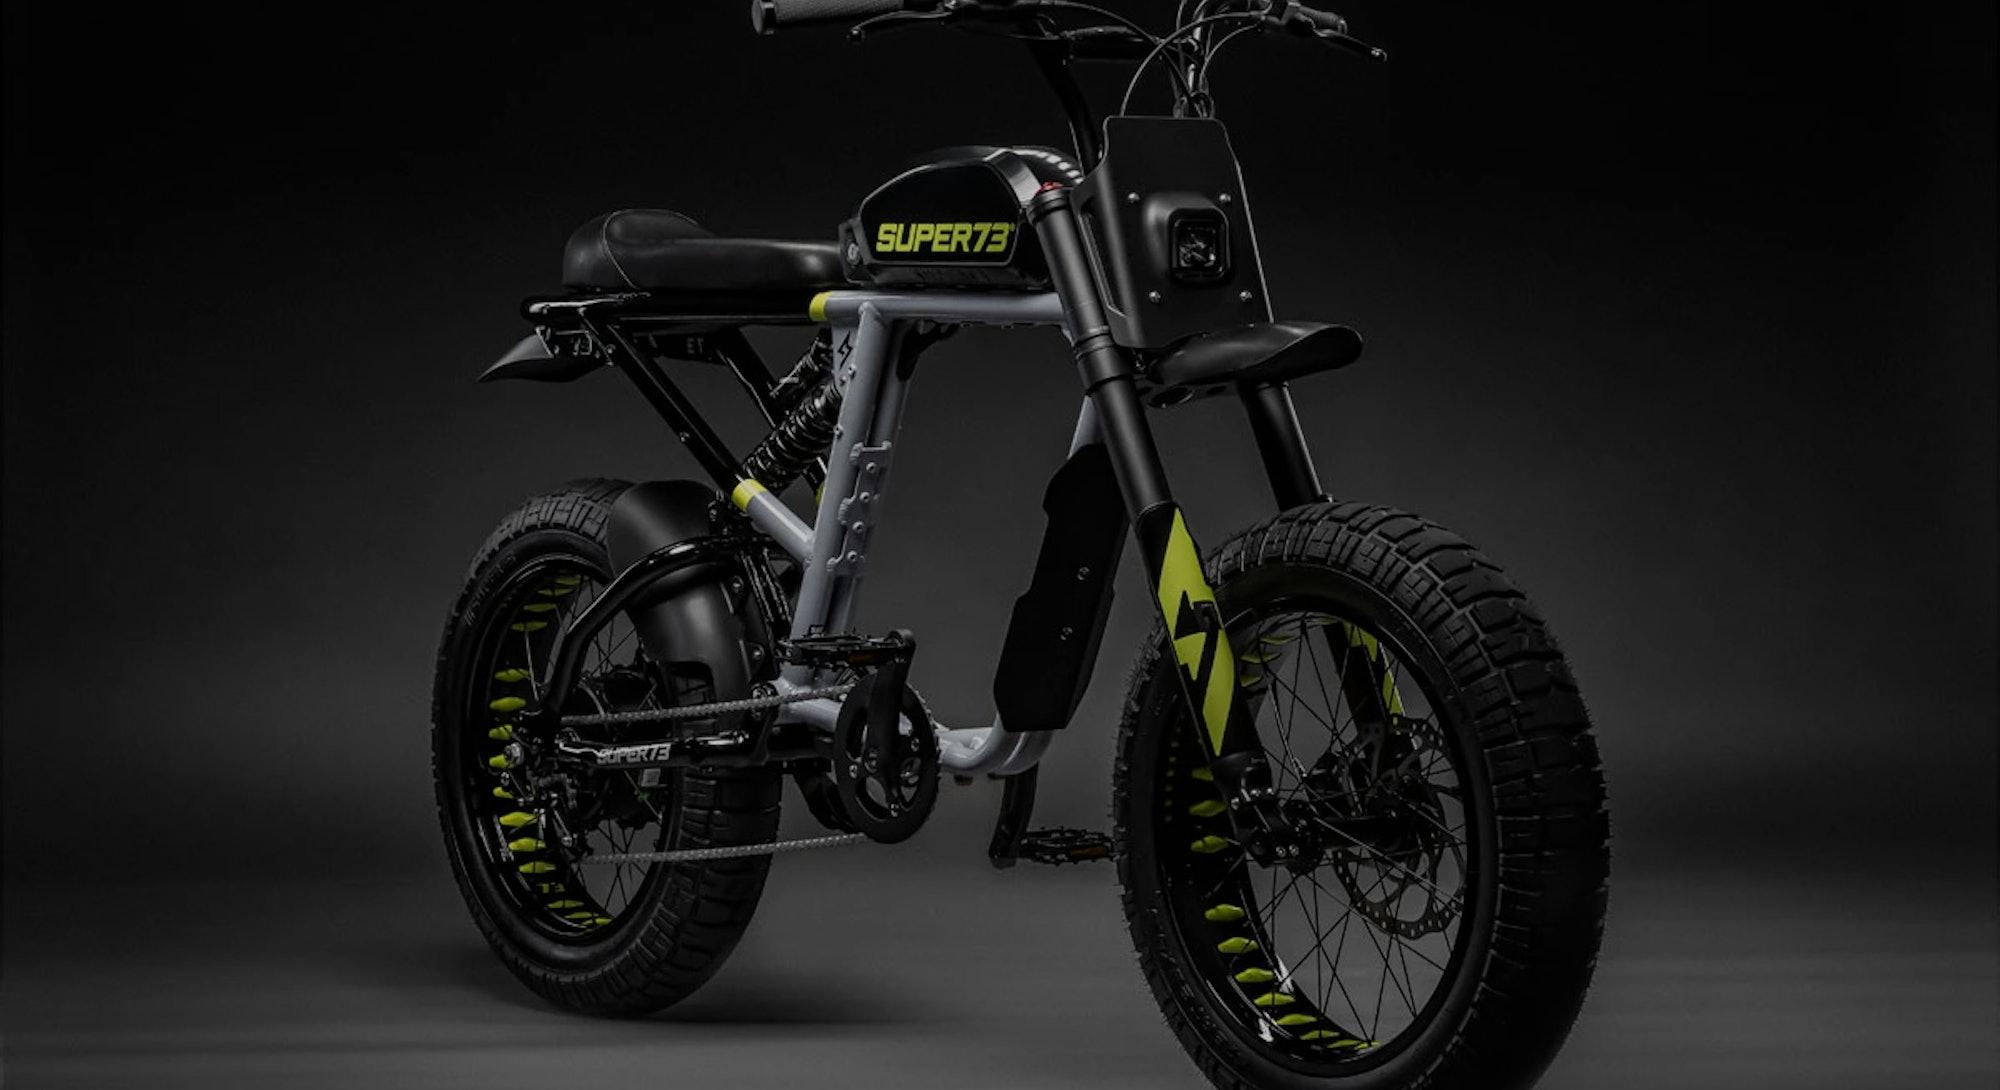 Rendering of a Super73 e-bike. Electric bicycles. Scrambler. e-bikes.